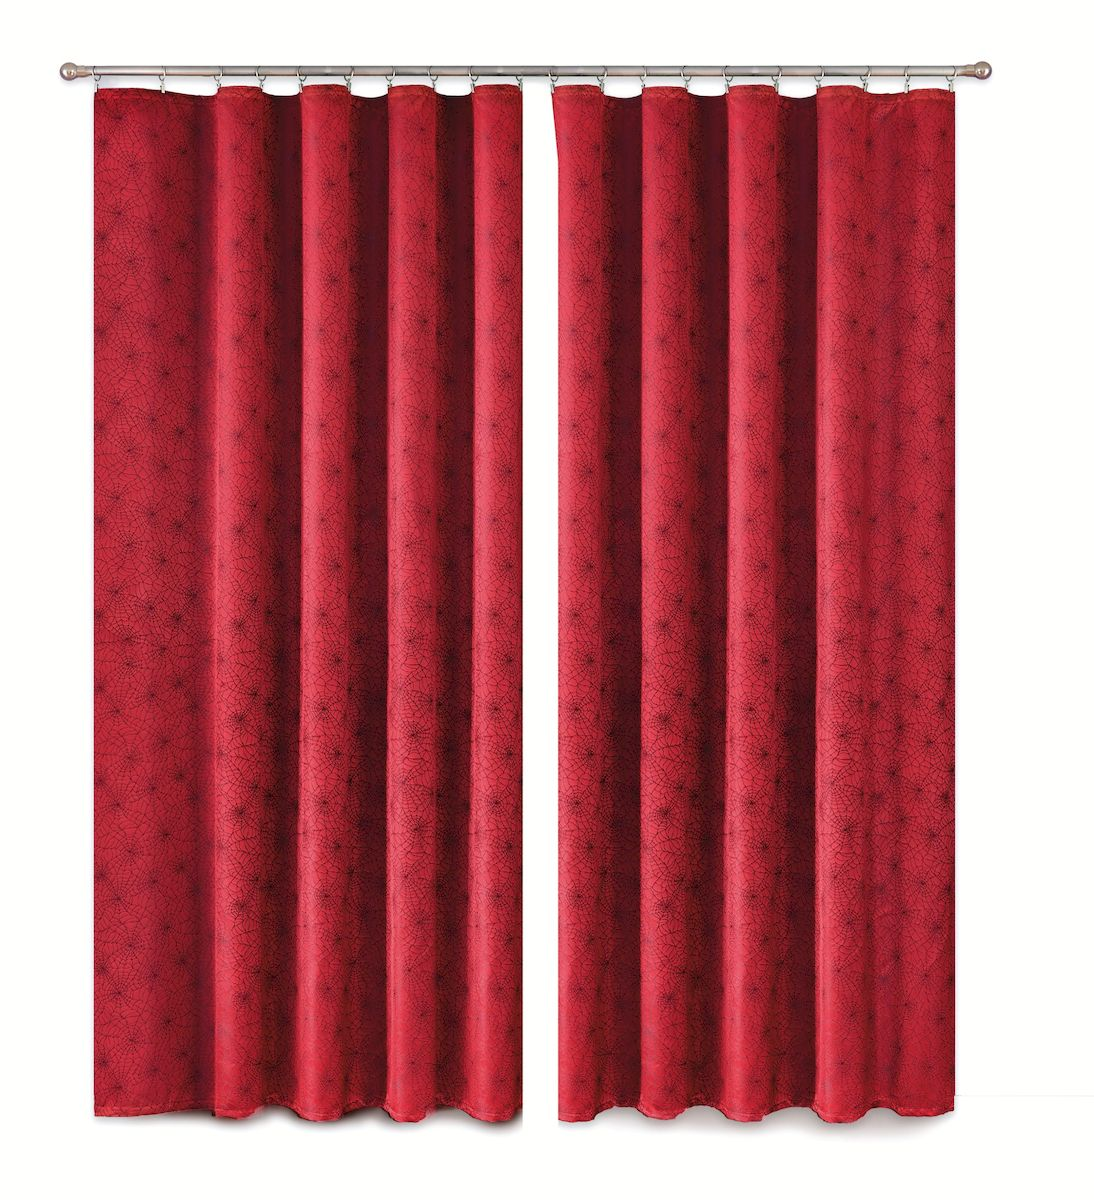 Комплект штор P Primavera Firany, цвет: бордовый, высота 280 см. 11100031110003Комплект шториз полиэстровой жаккардовой ткани с пришитой шторнойлентой. Размер - ширина 180 см высота 280см. Набор 2 штуки. Цвет бордо.Размер: ширина 180 х высота 280